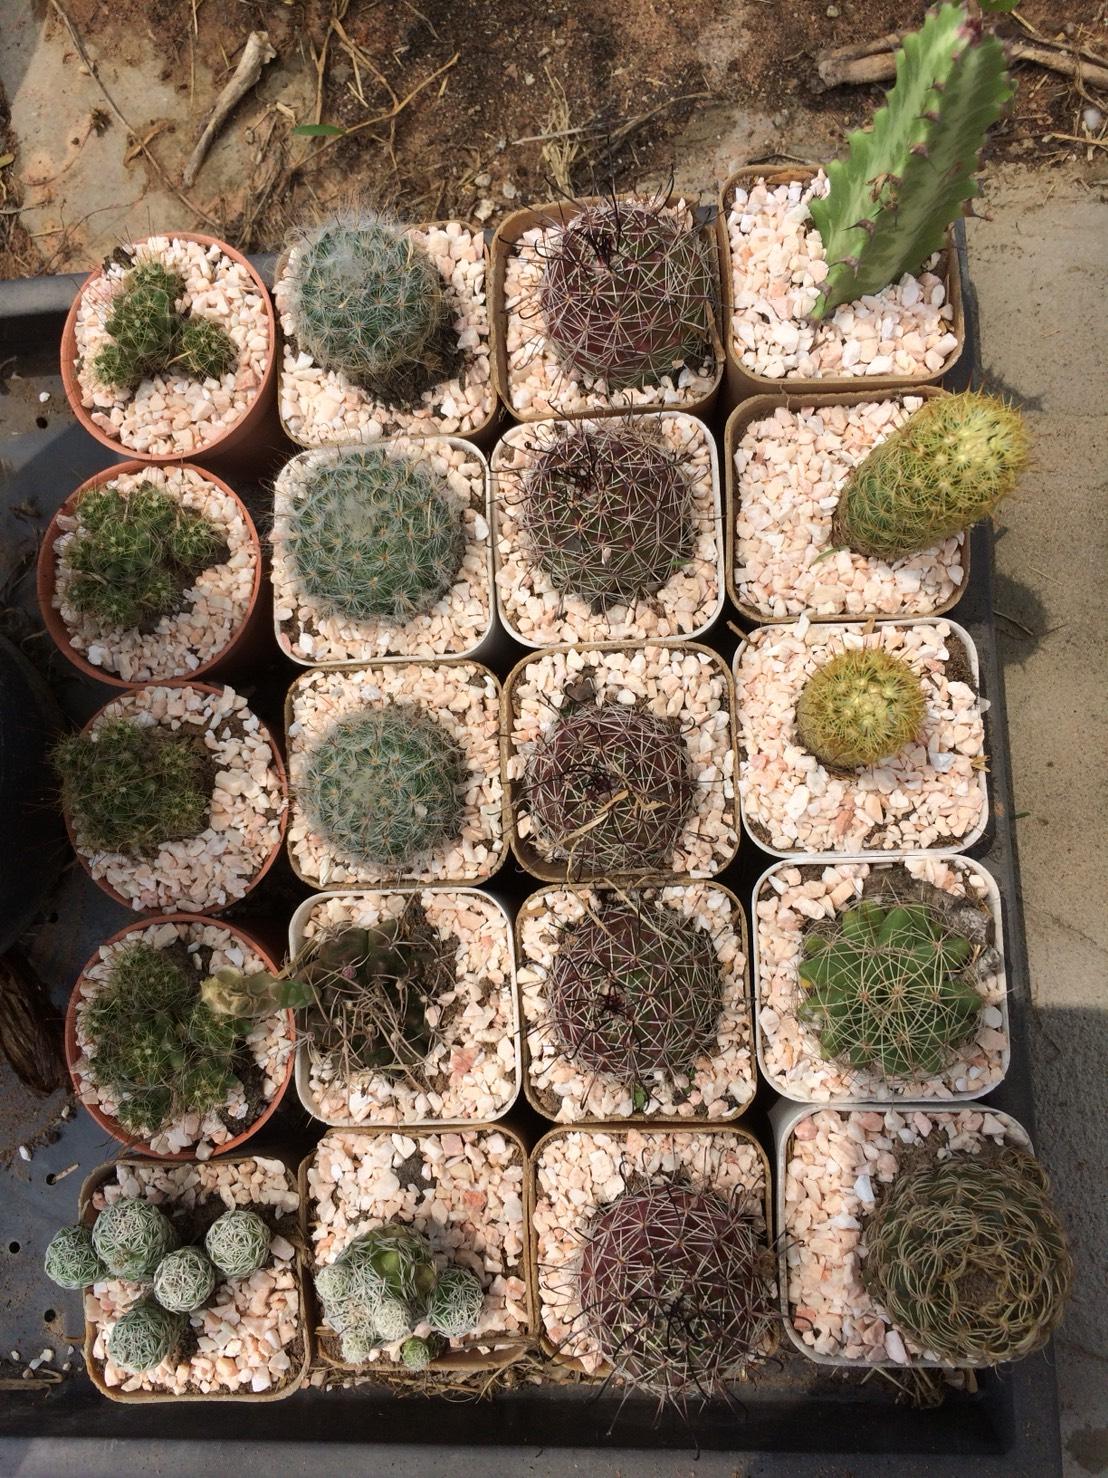 กระบองเพชร cactus กระถางละ 30 บาท